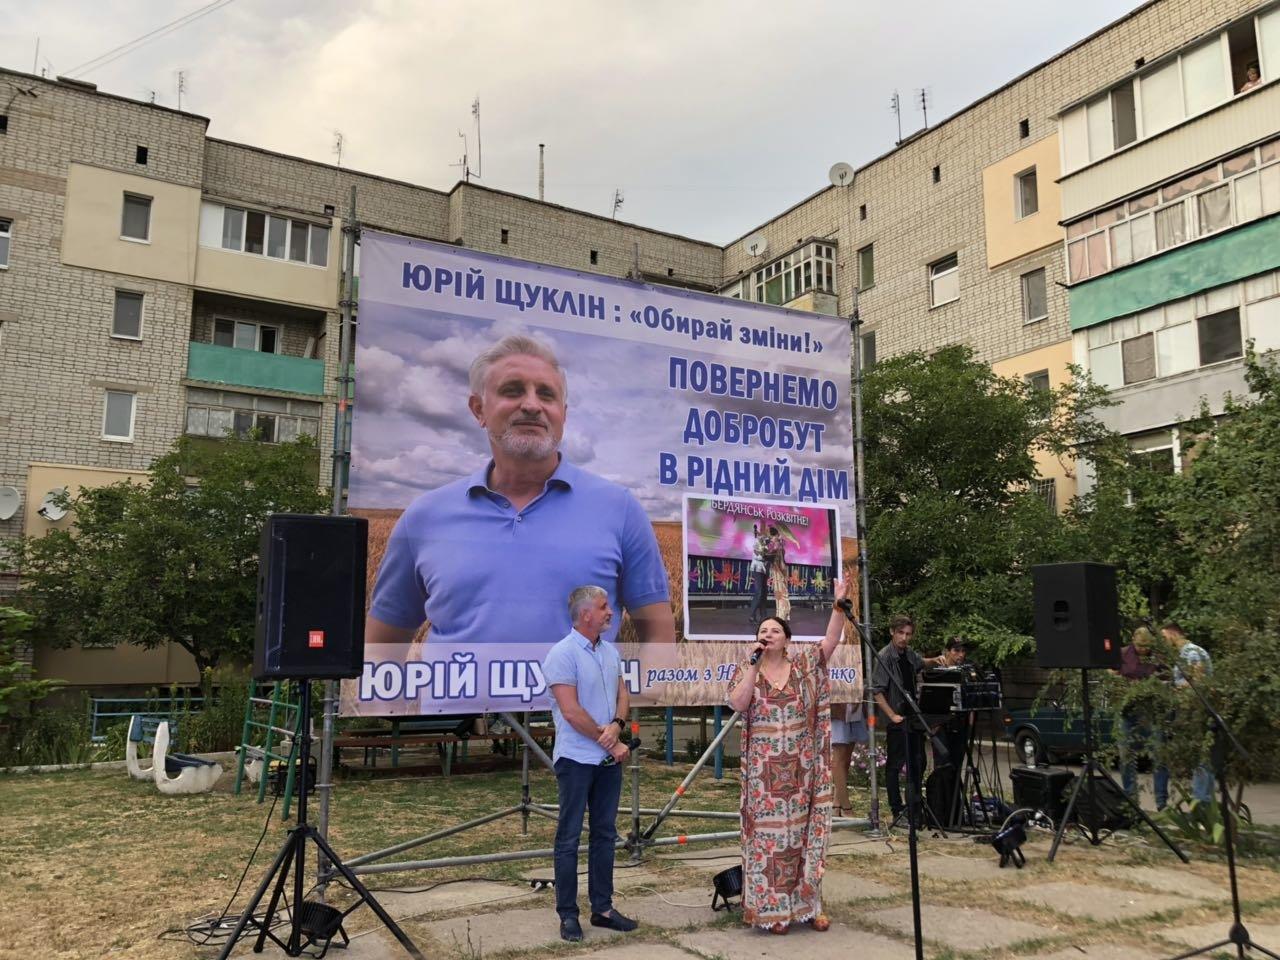 Ніна Матвієнко закликала жителів Макорт і Азмола проголосувати за зміни і порядок, фото-2